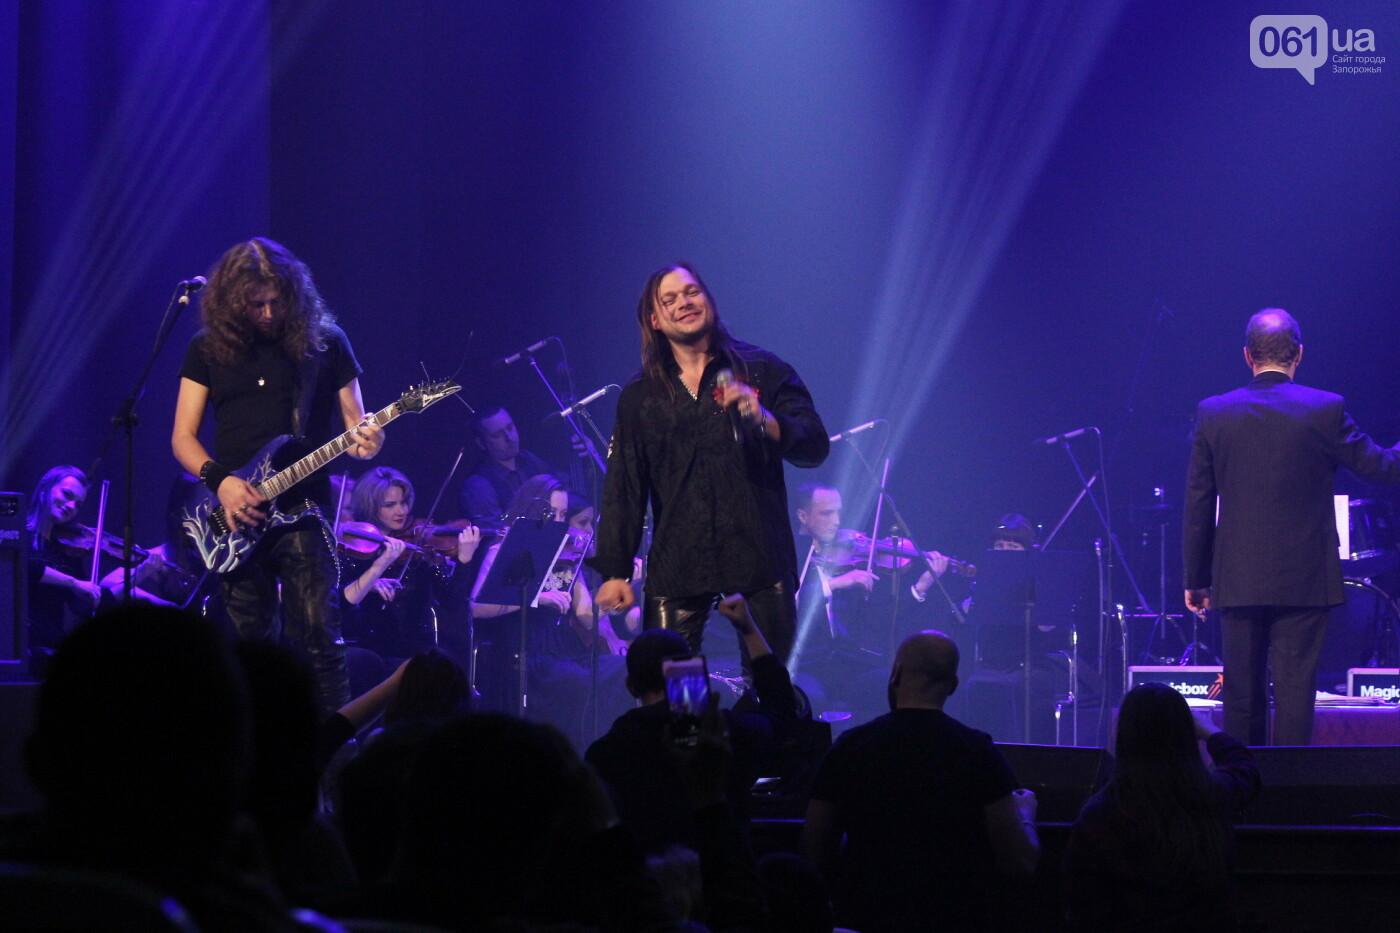 Тяжелый рок в симфоническом звучании: каким было Hard Rock Show в Запорожье, – ФОТОРЕПОРТАЖ, фото-8